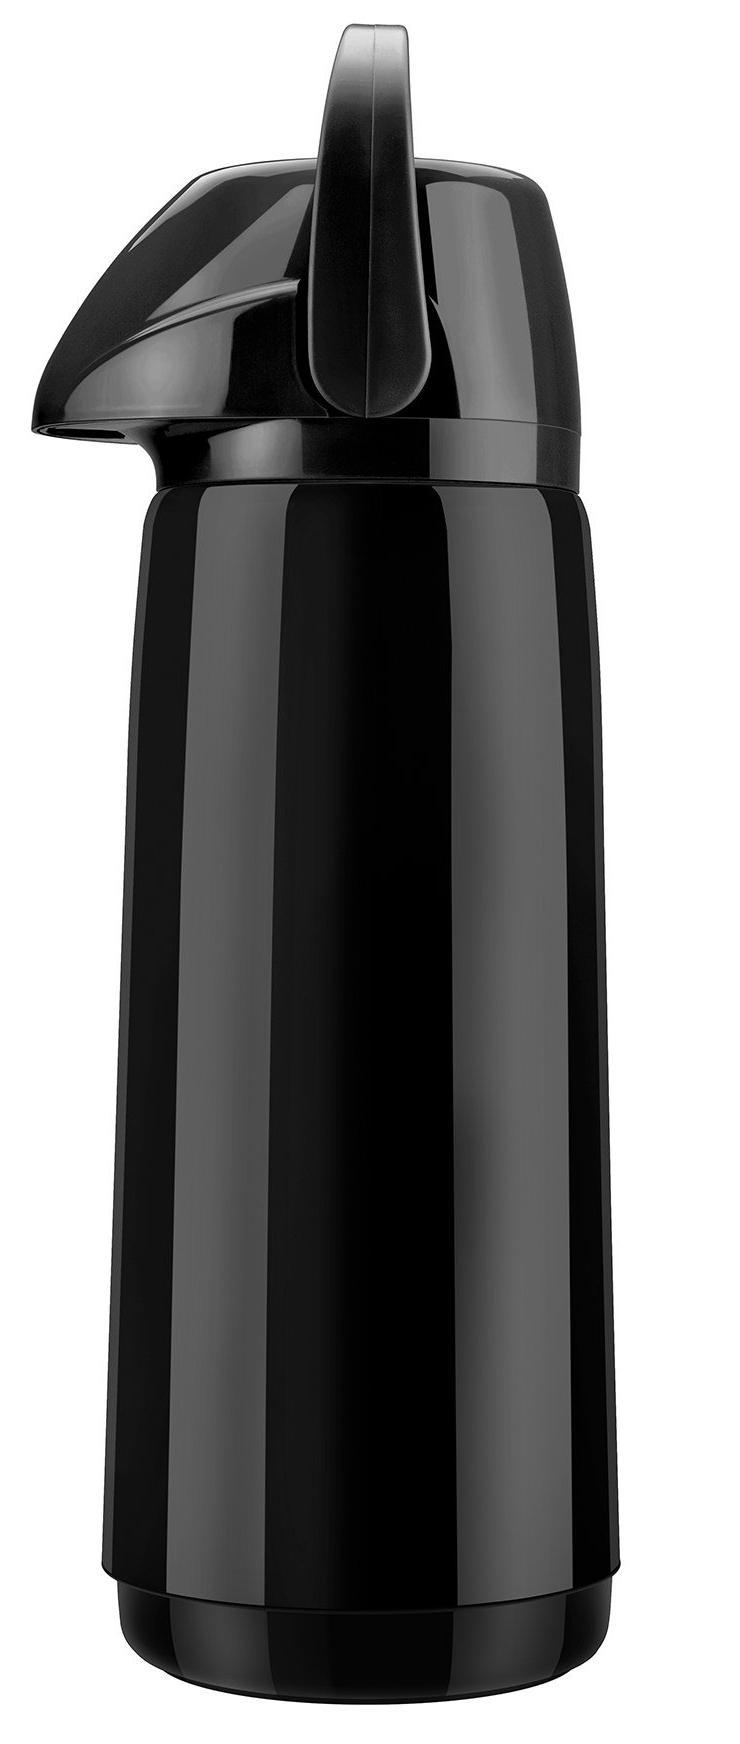 Garrafa Térmica de Pressao 1,8L Invicta Air Pot Slim 100200010105 (preto)